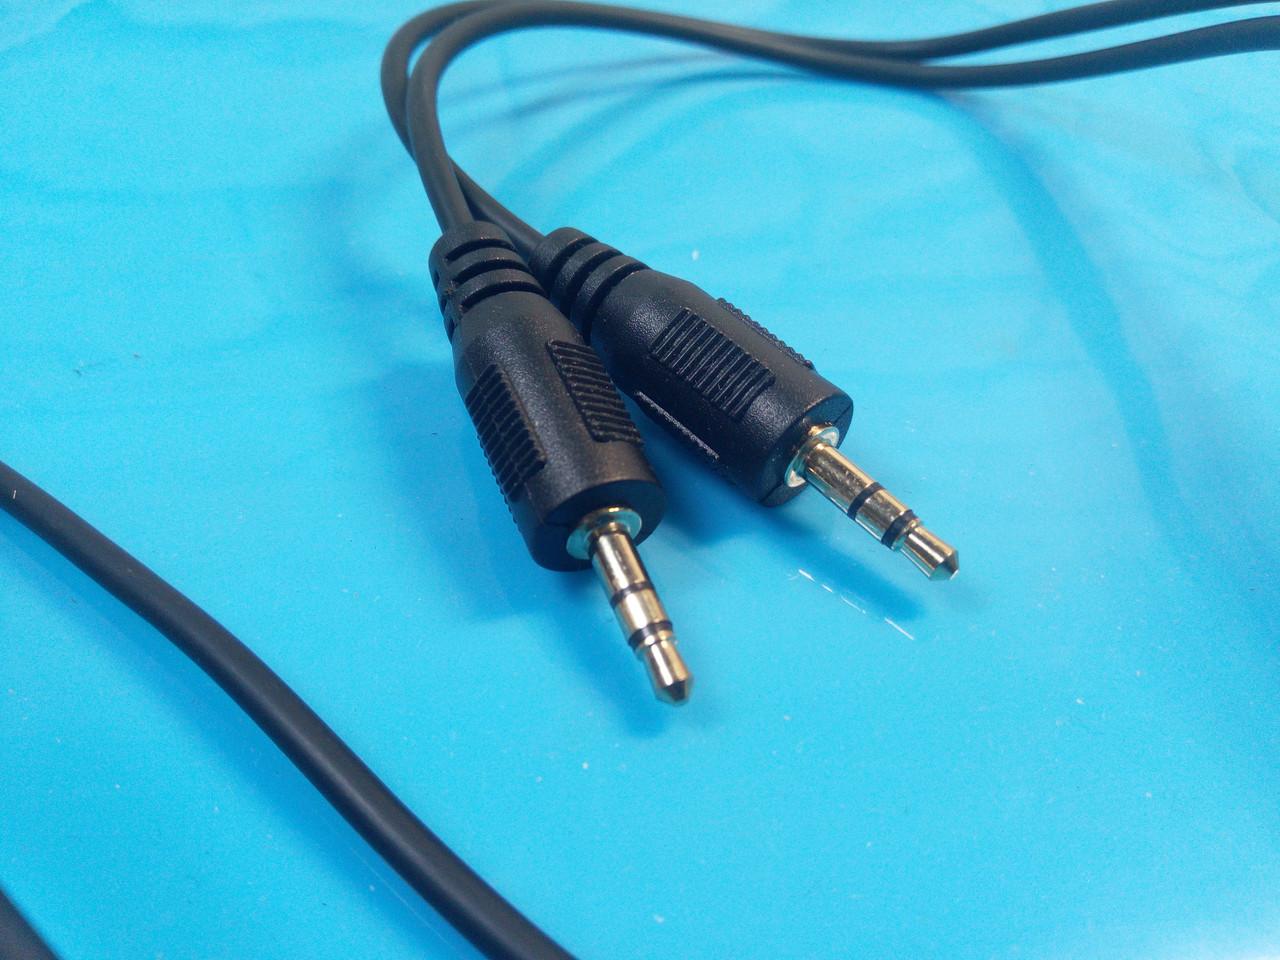 Аудио кабель AUX , штекер 3.5 jack стерео - штекер 3.5 jack стерео, черный 1м